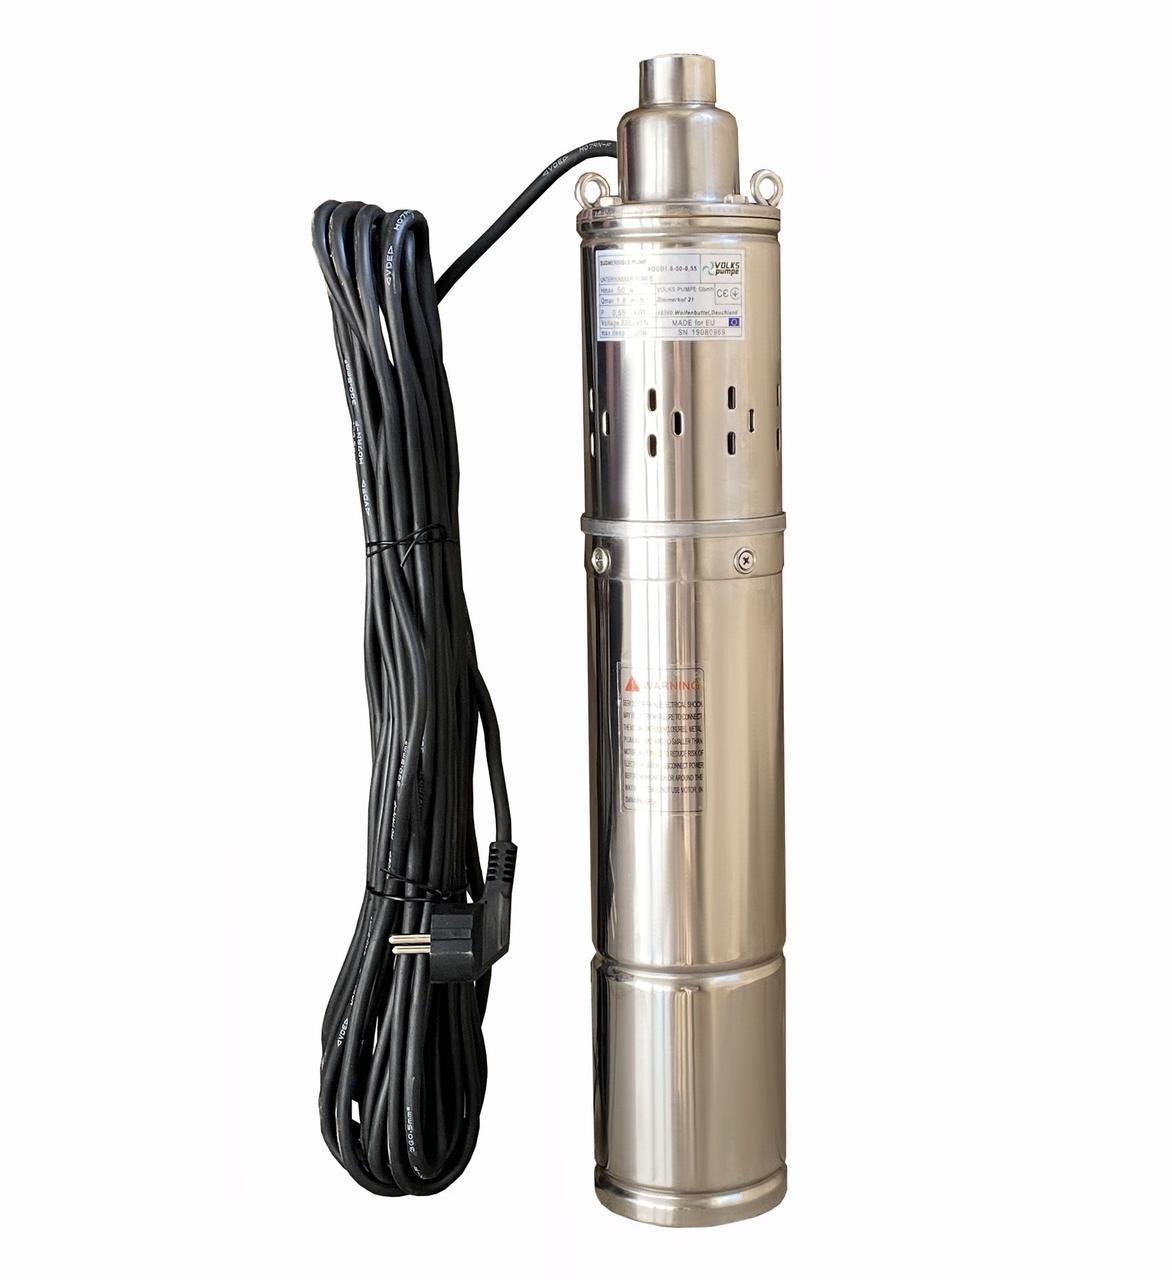 Насос скважинный шнековый Volks pumpe 4QGD 1,8-50-0,5 кВт 4 дюйма + кабель 15 м